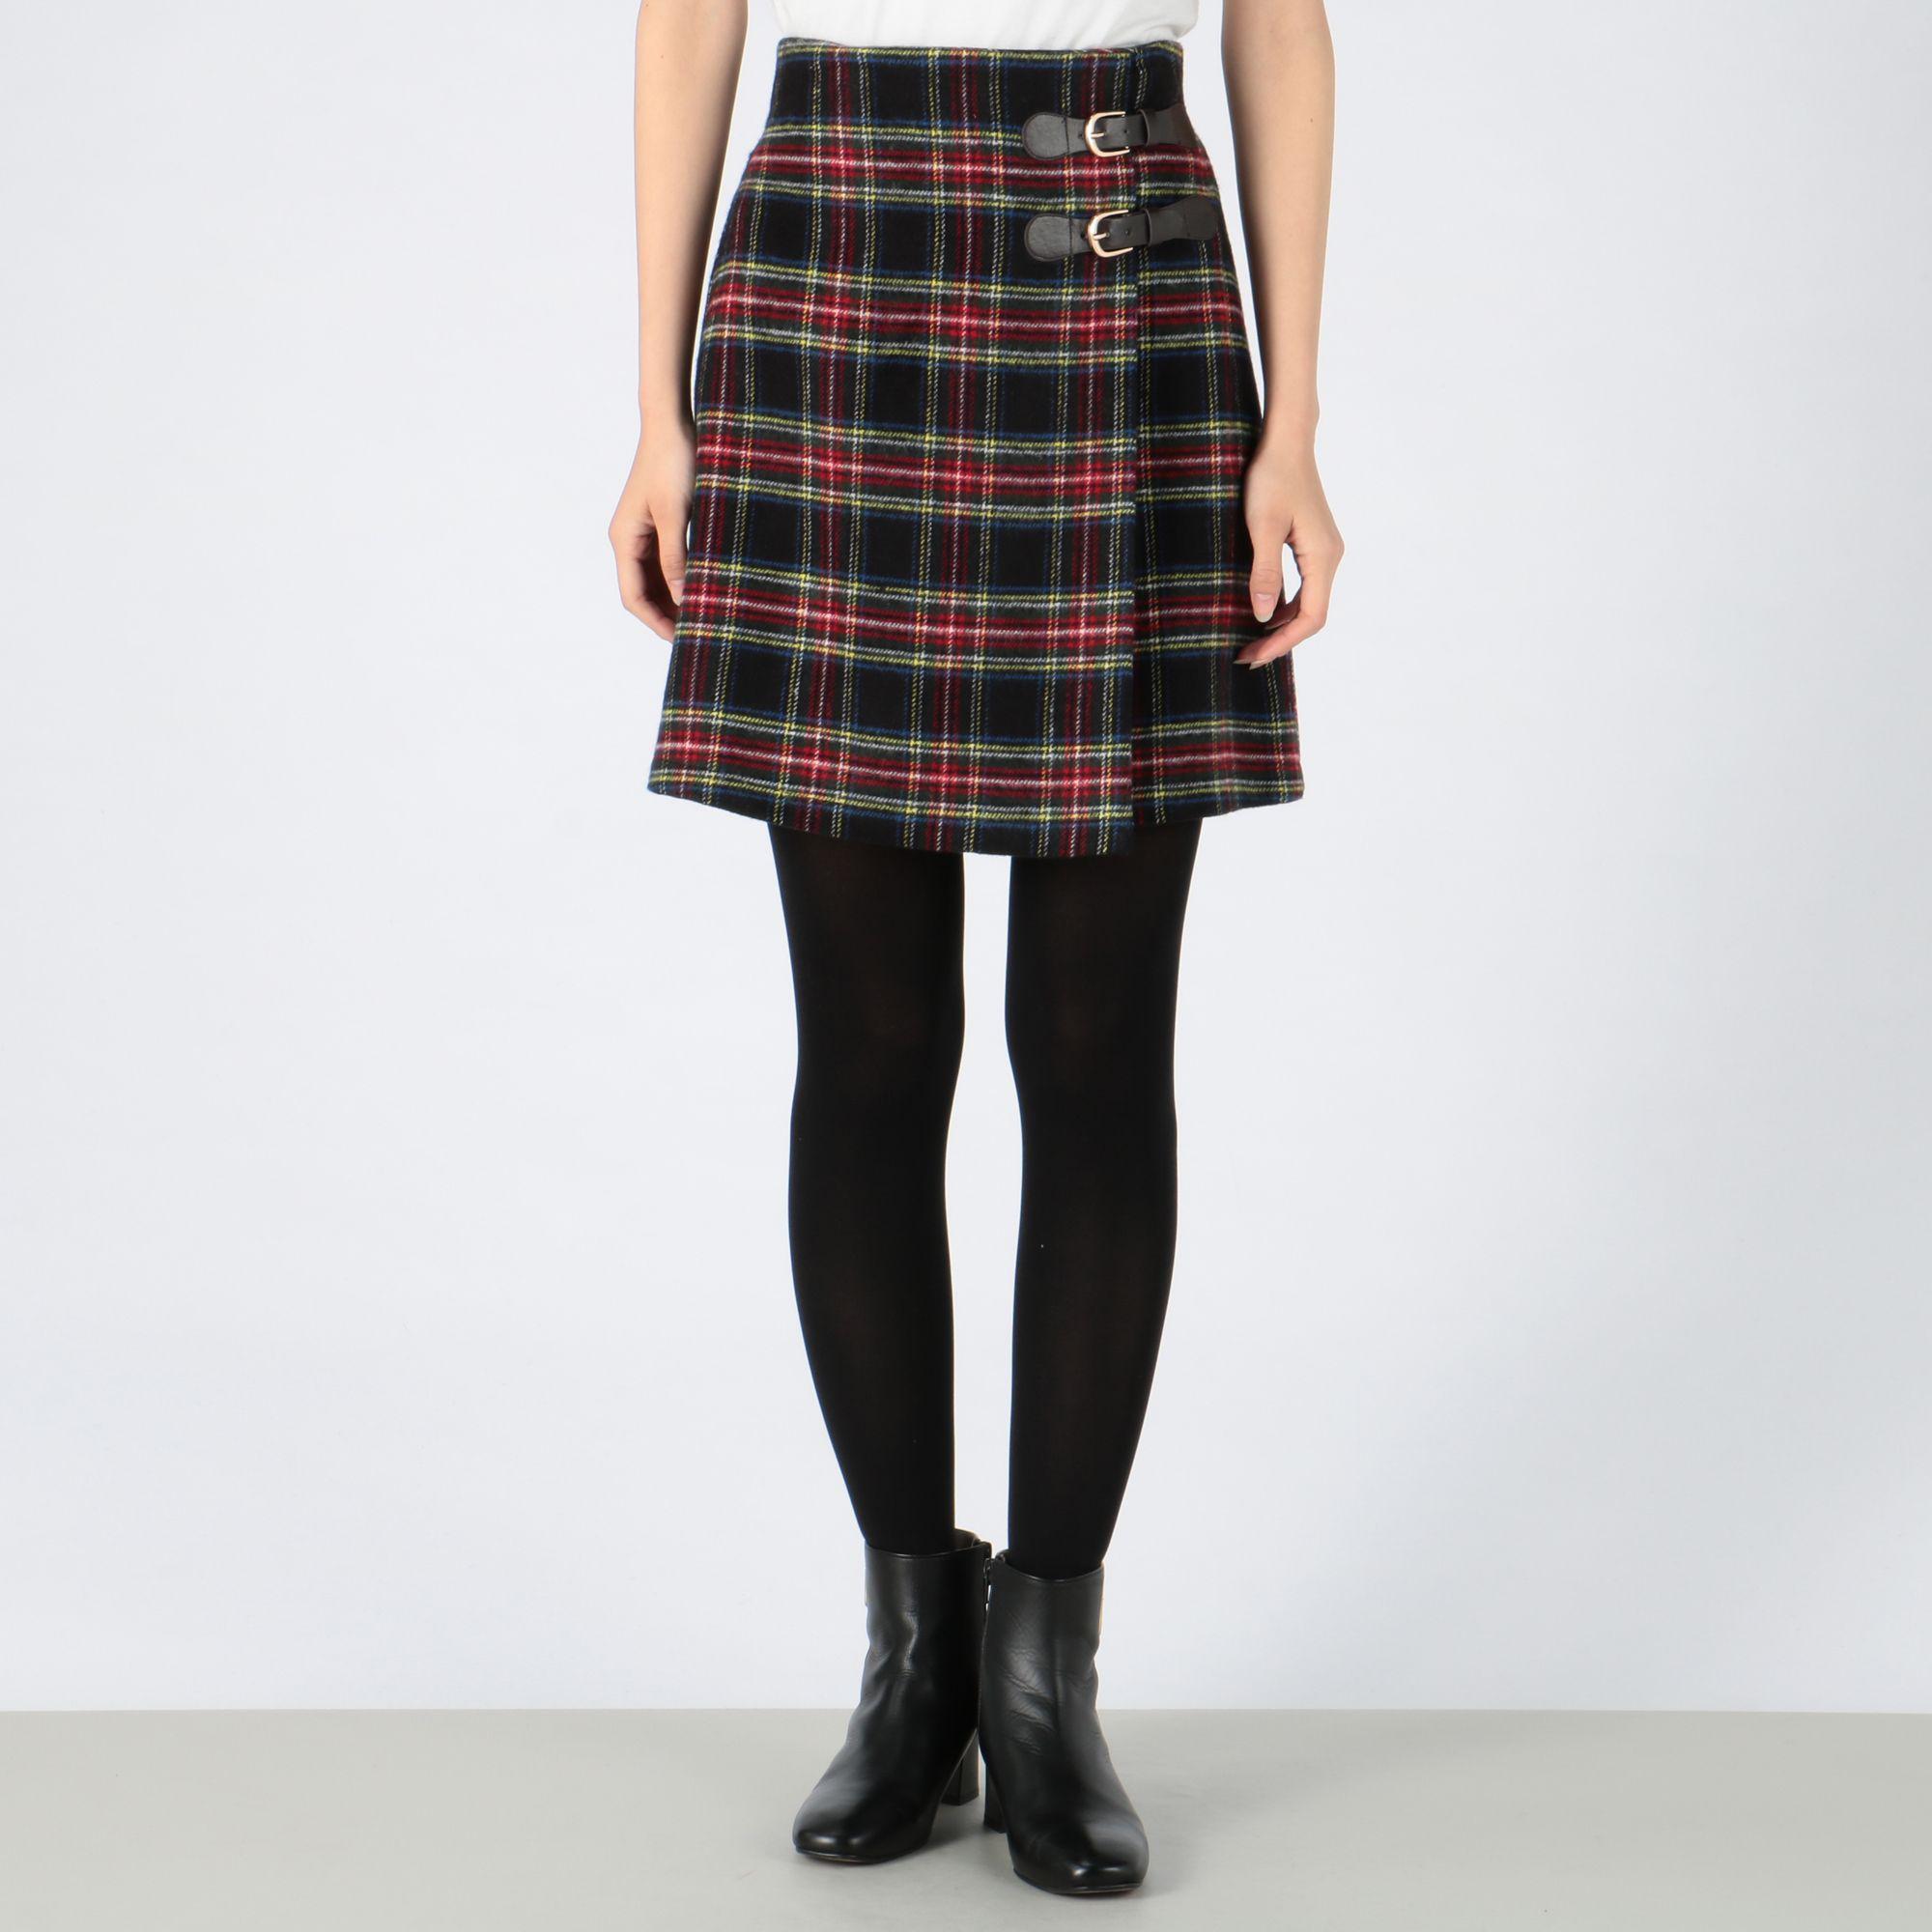 INGNIイングサイドベルトシャギーチェック柄台形スカート